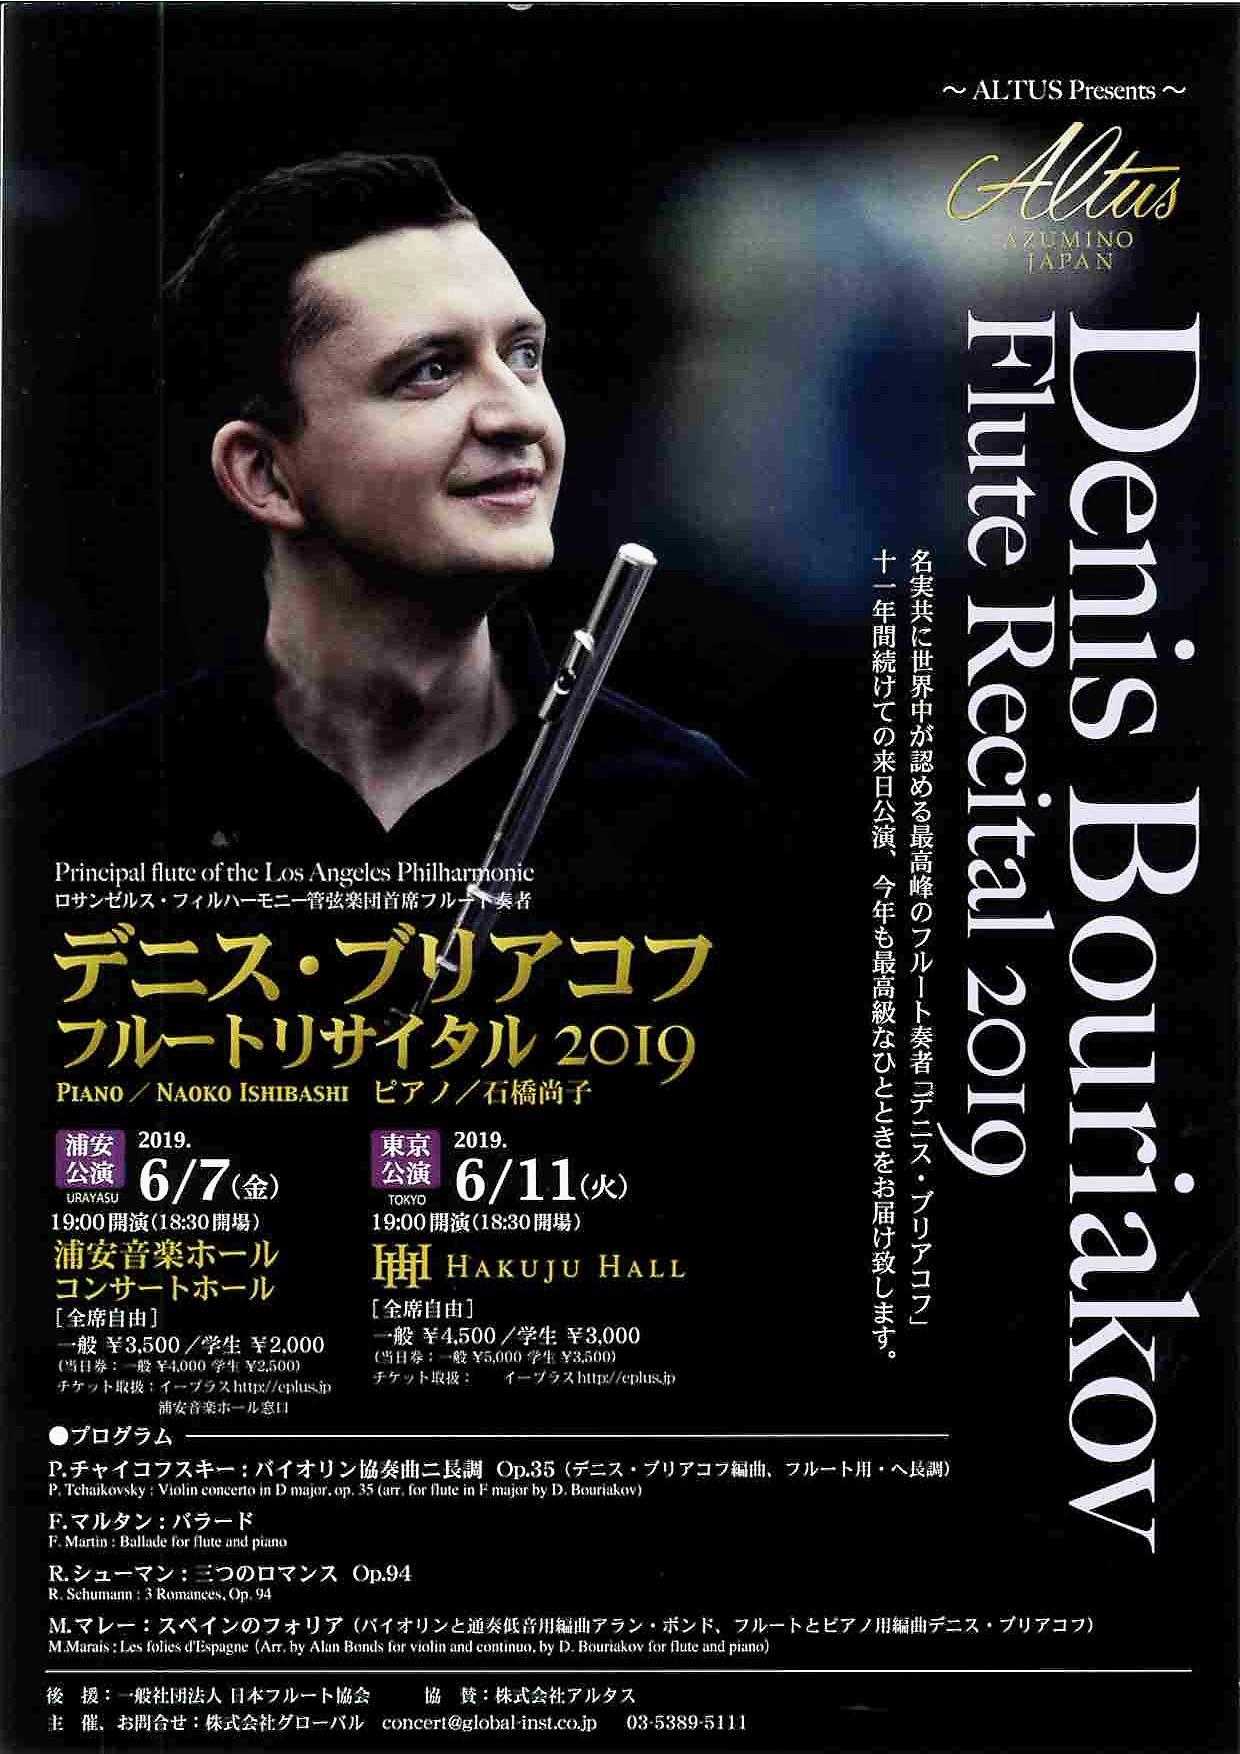 デニス・ブリアコフ フルートリサイタル2019(浦安公演)